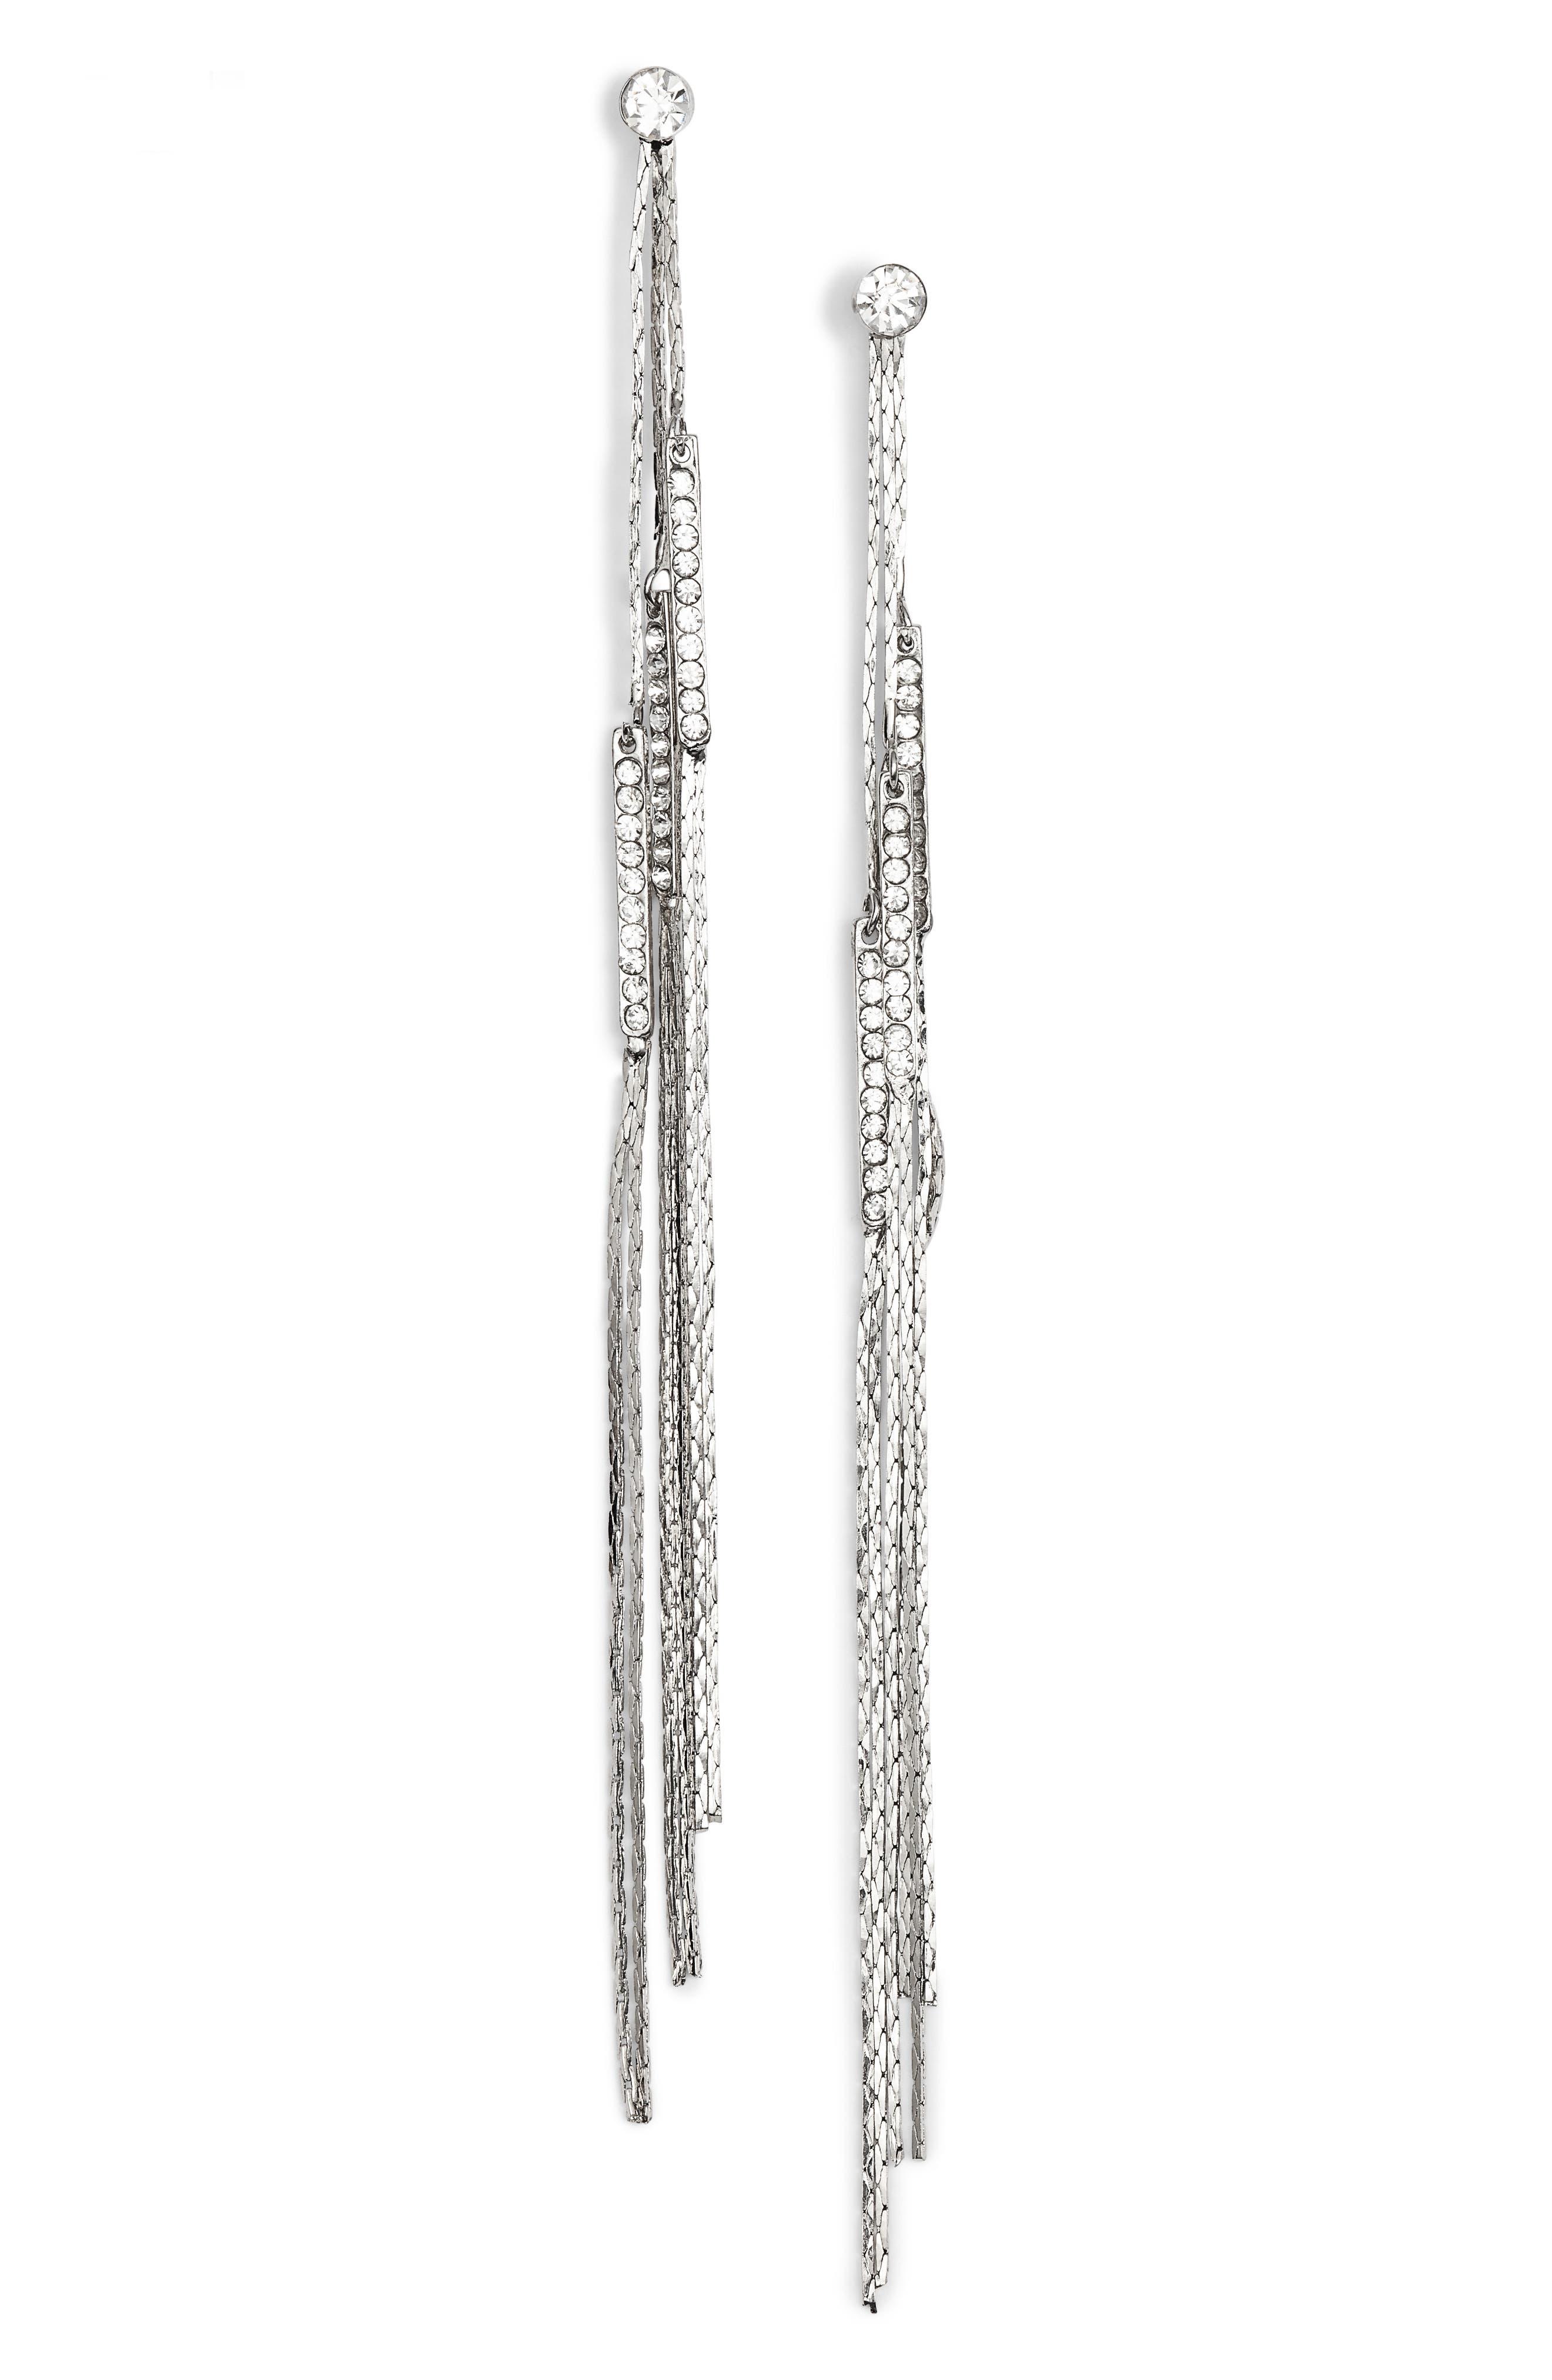 AREA STARS Eloise Crystal Linear Drop Earrings in Clear